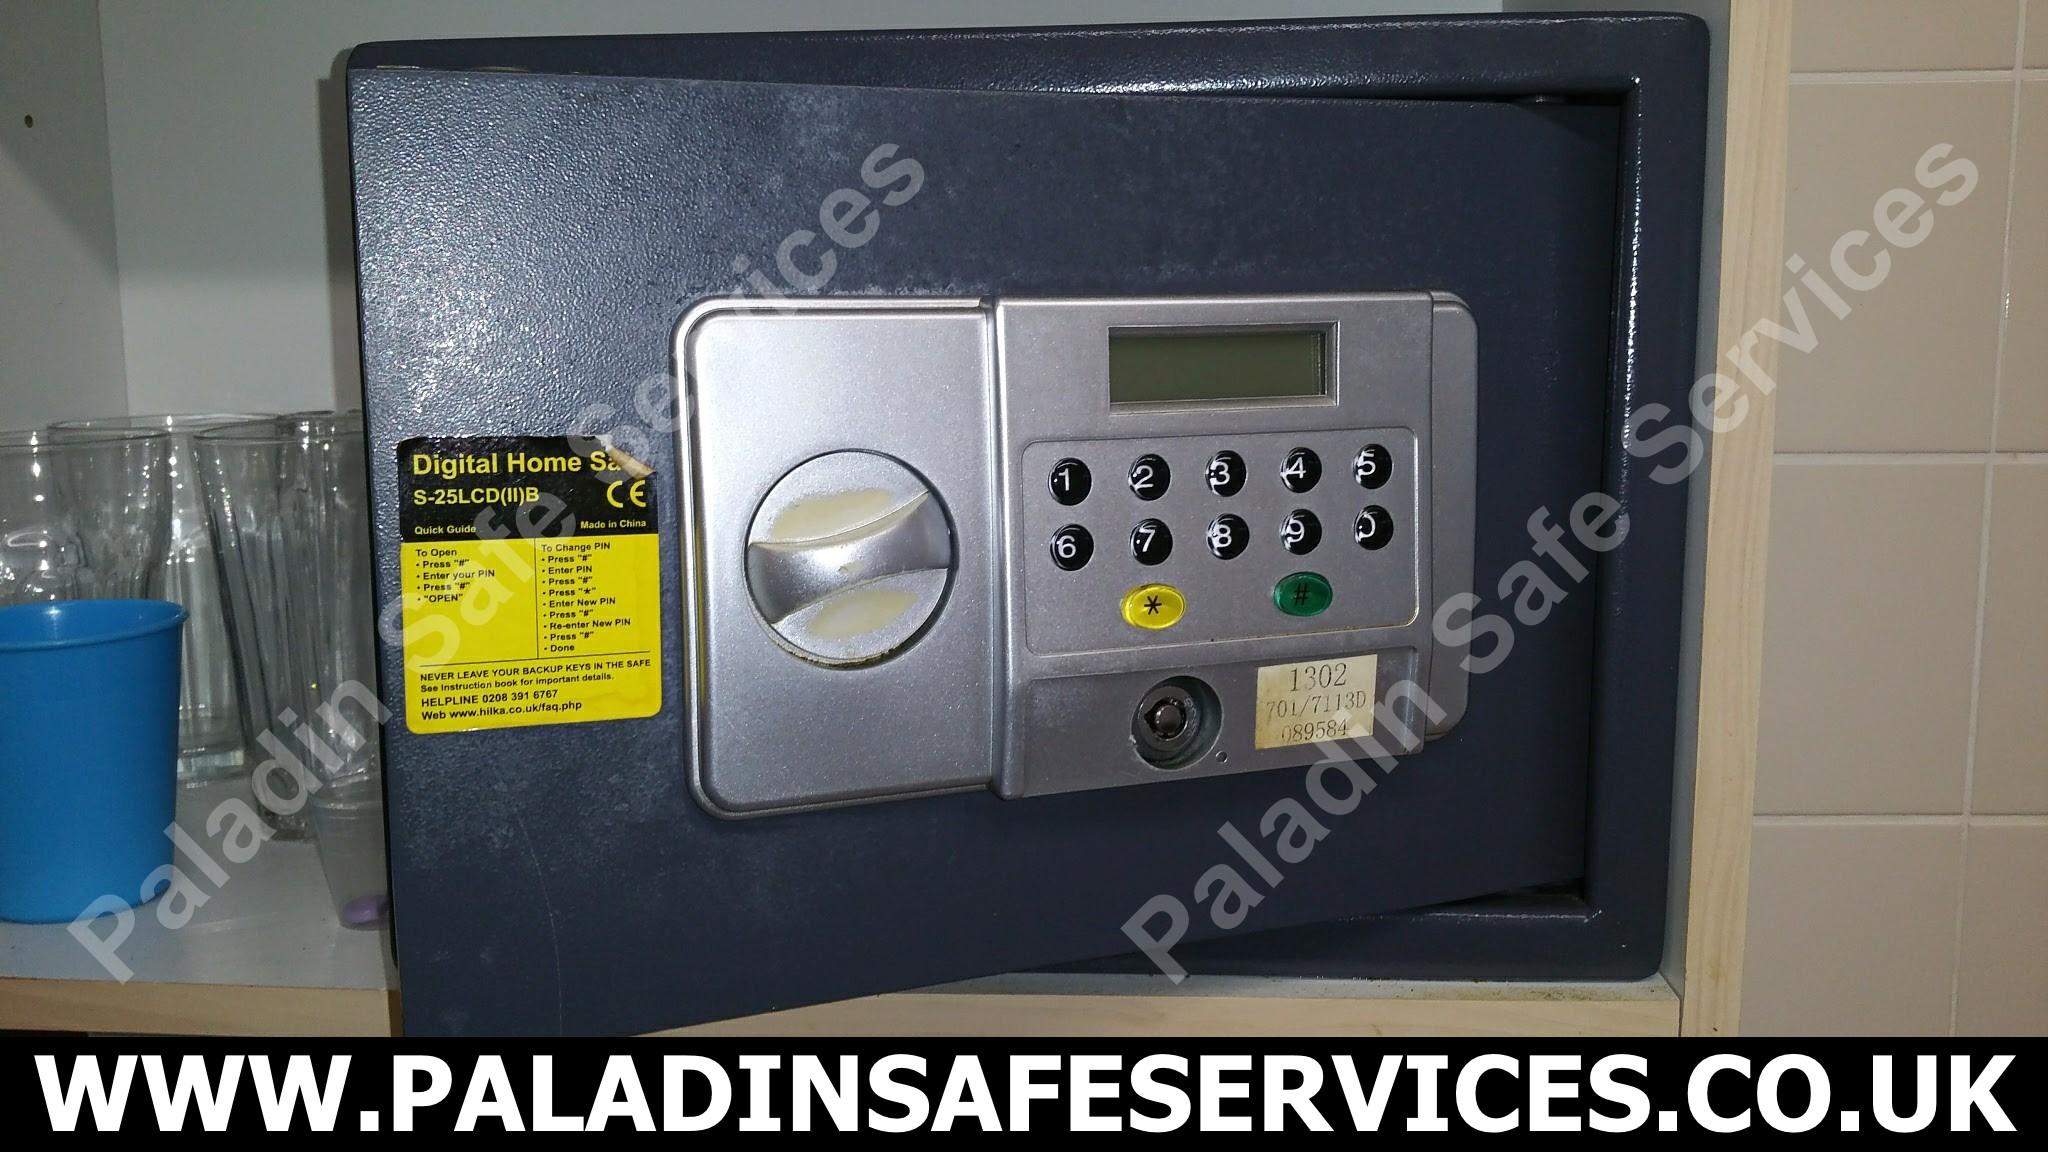 Hilka S-25LCD(II)B Digital Safe Opening - Paladin Safe Services